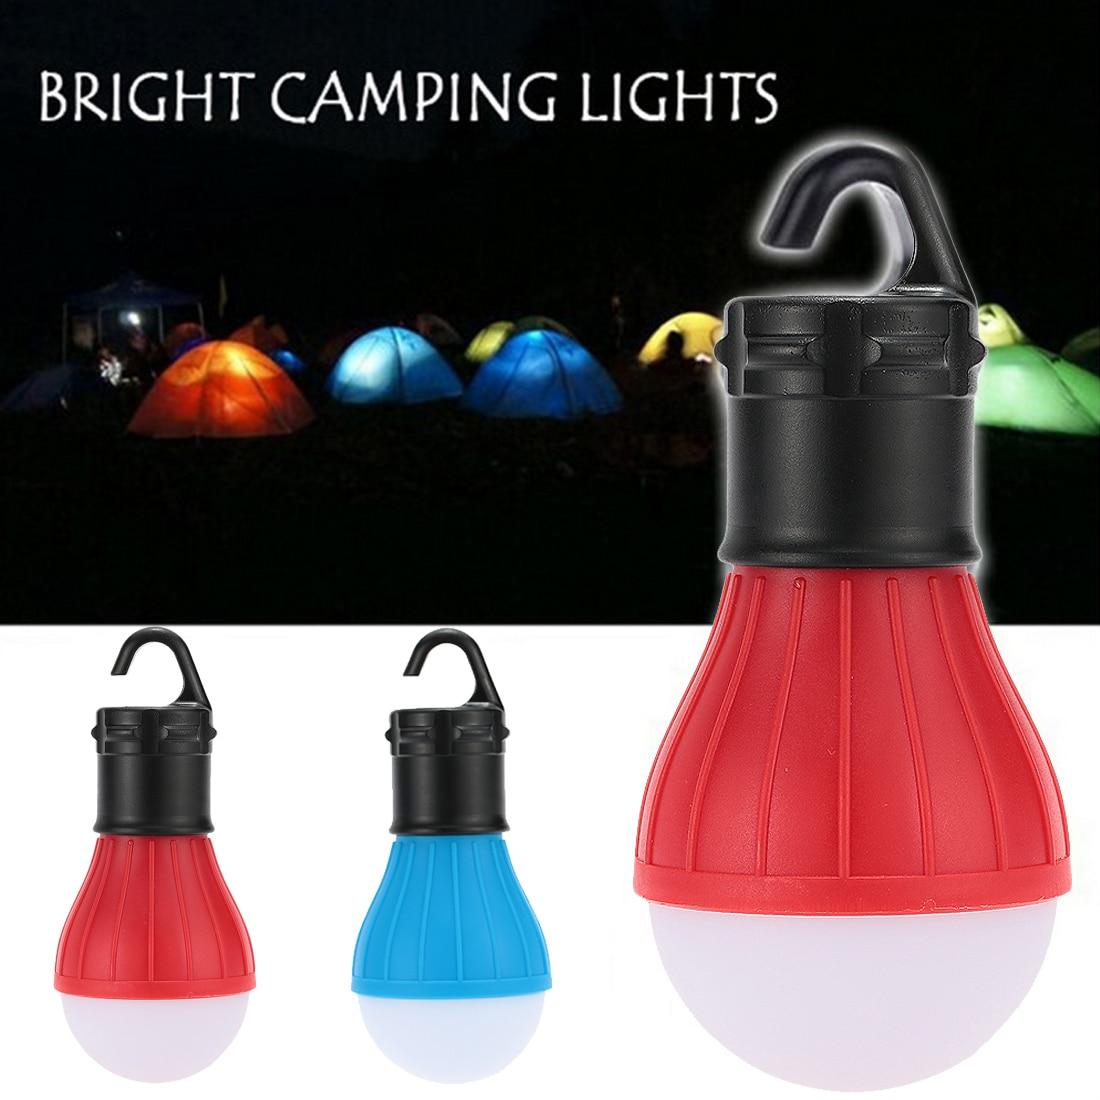 Přenosný venkovní závěsné 3 LED Camping Lucerna, měkké světlo LED Camp světla světla žárovka pro Camping stan rybaření 2 barvy